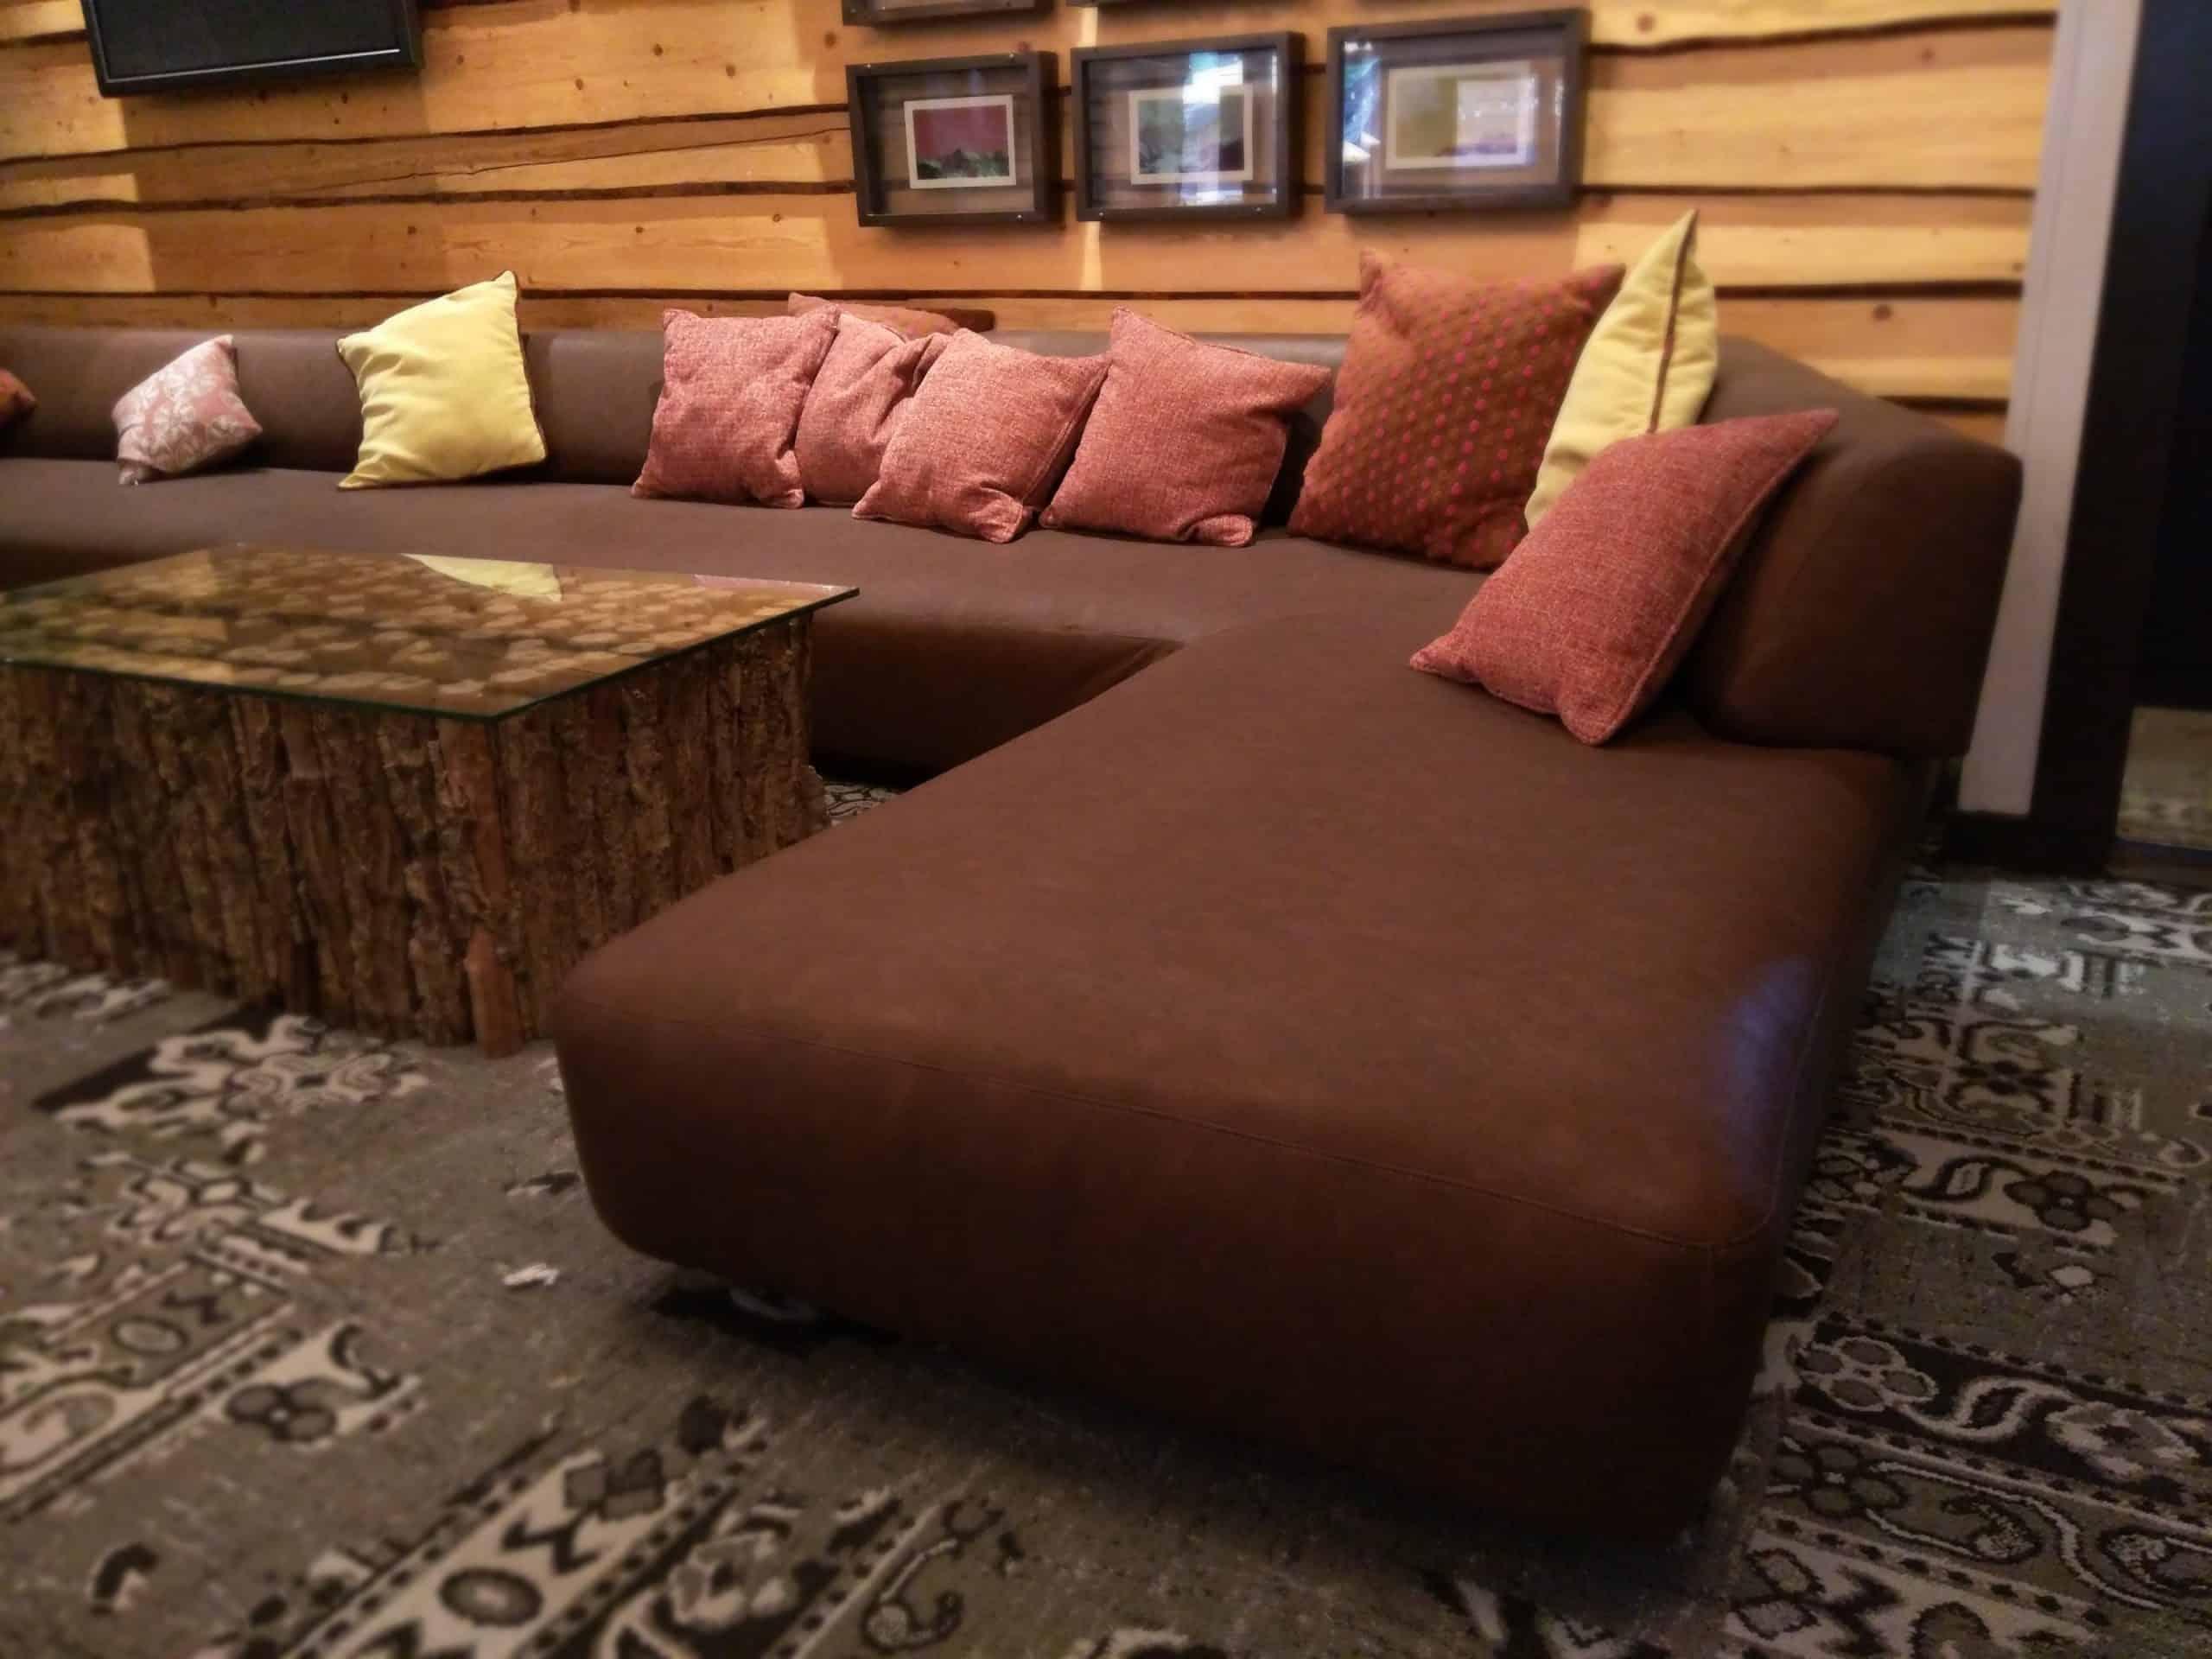 Restaurant and Lounge Upholstery - 39 Degrees | Aspen, CO